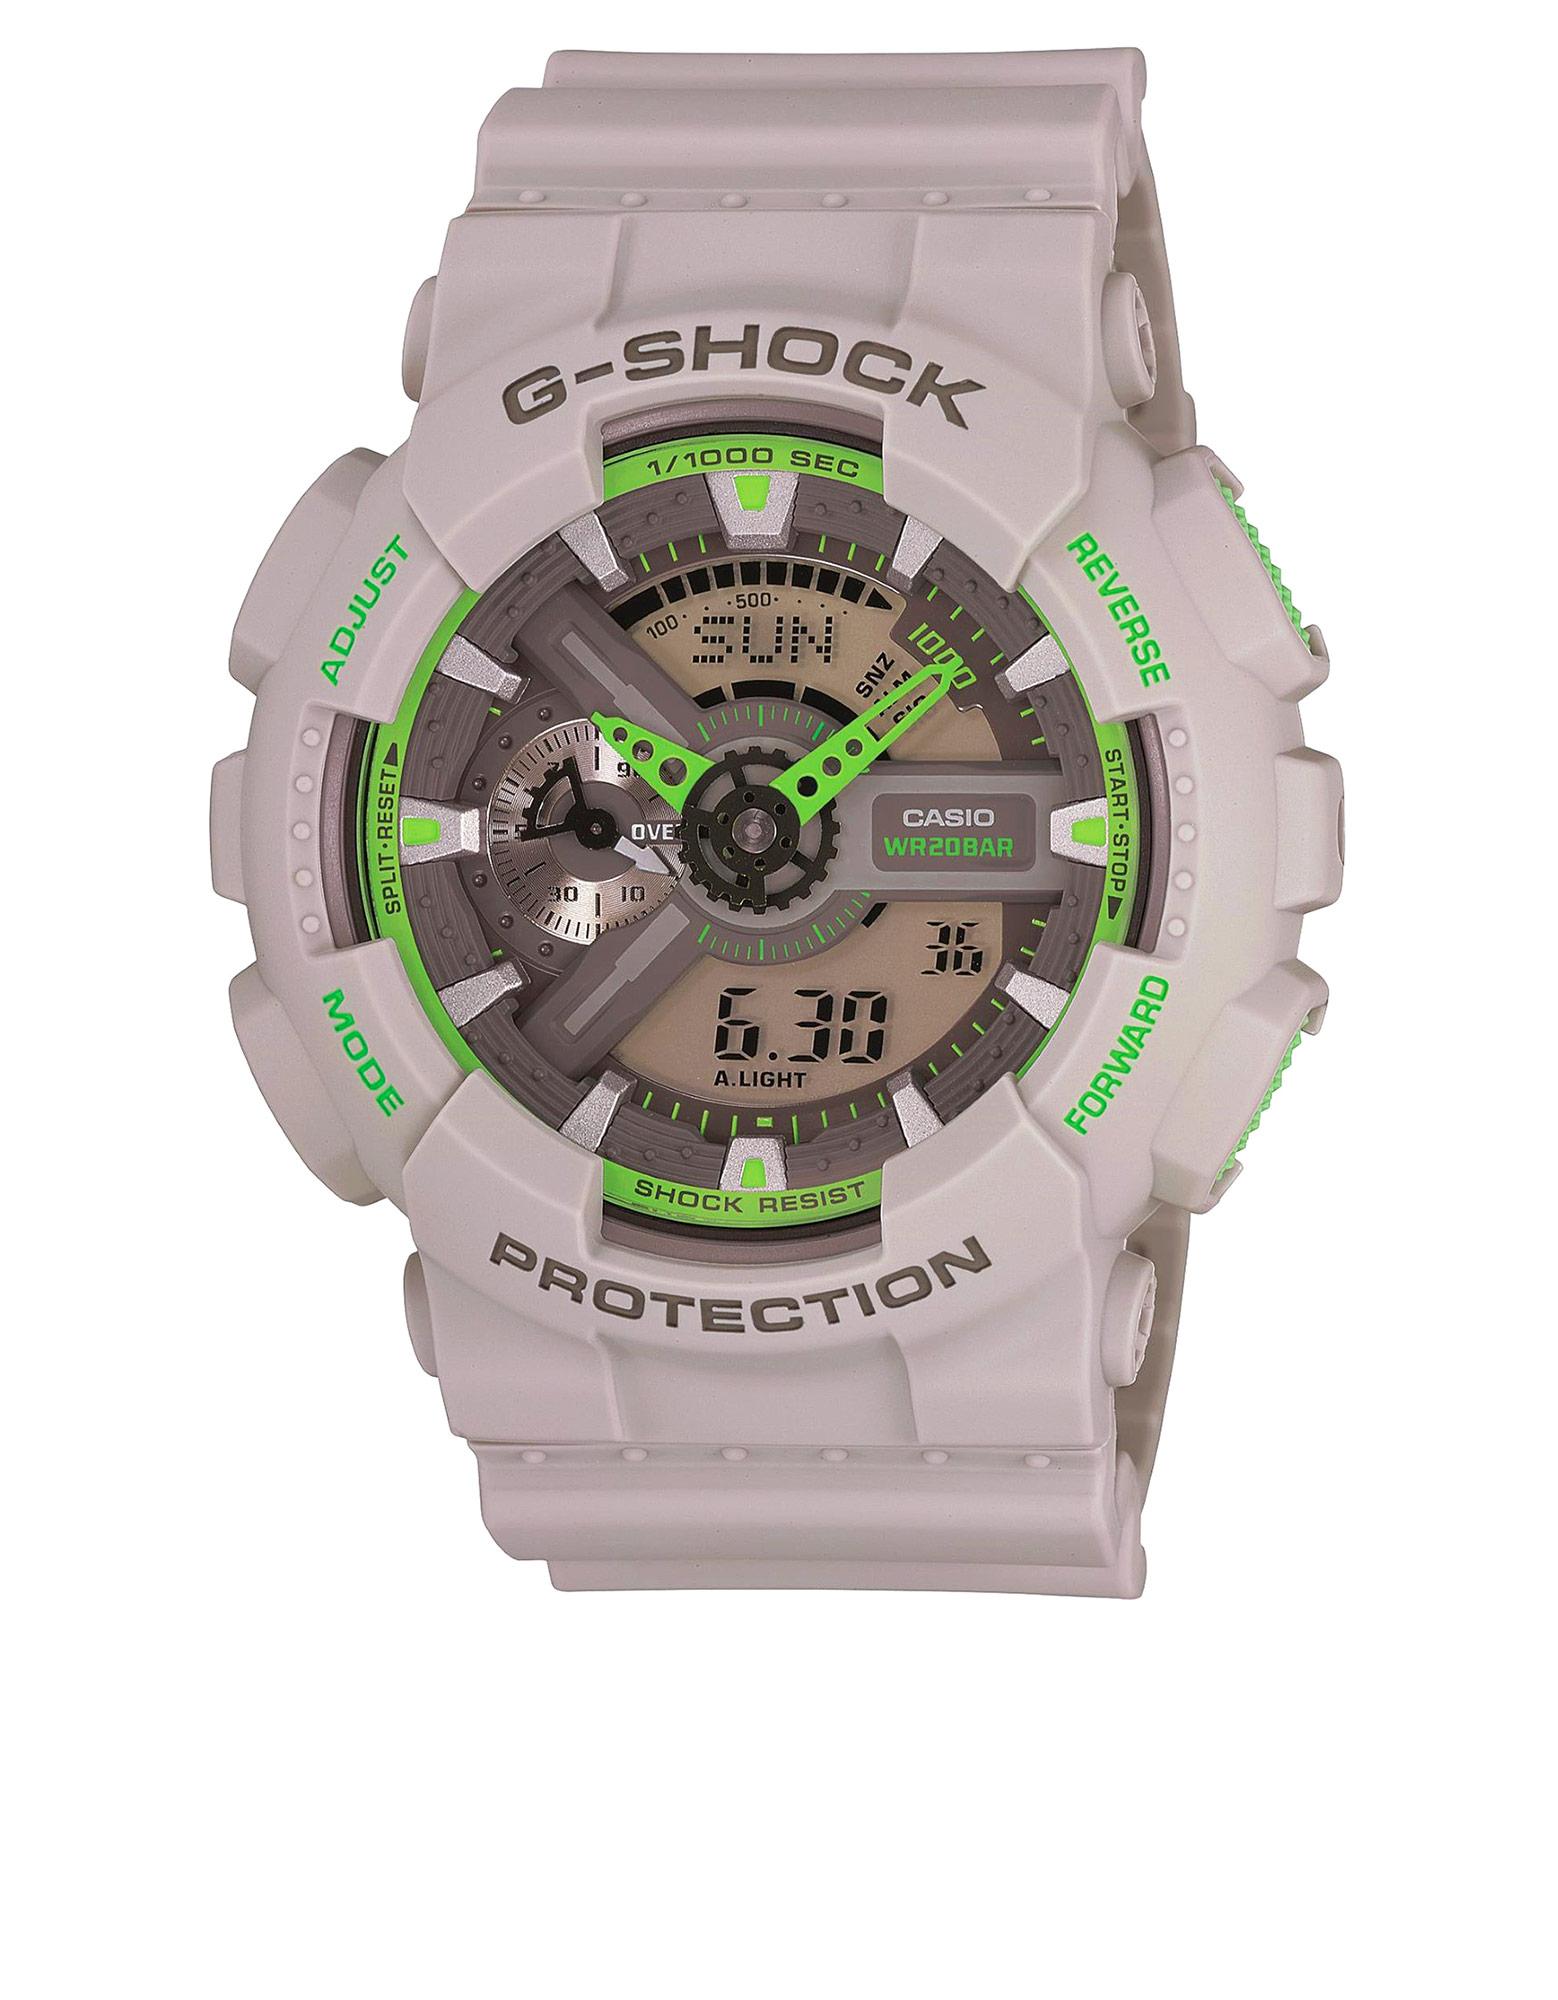 Casio GA-110TS-8A3DR G-Shock Analog/Digital Watch